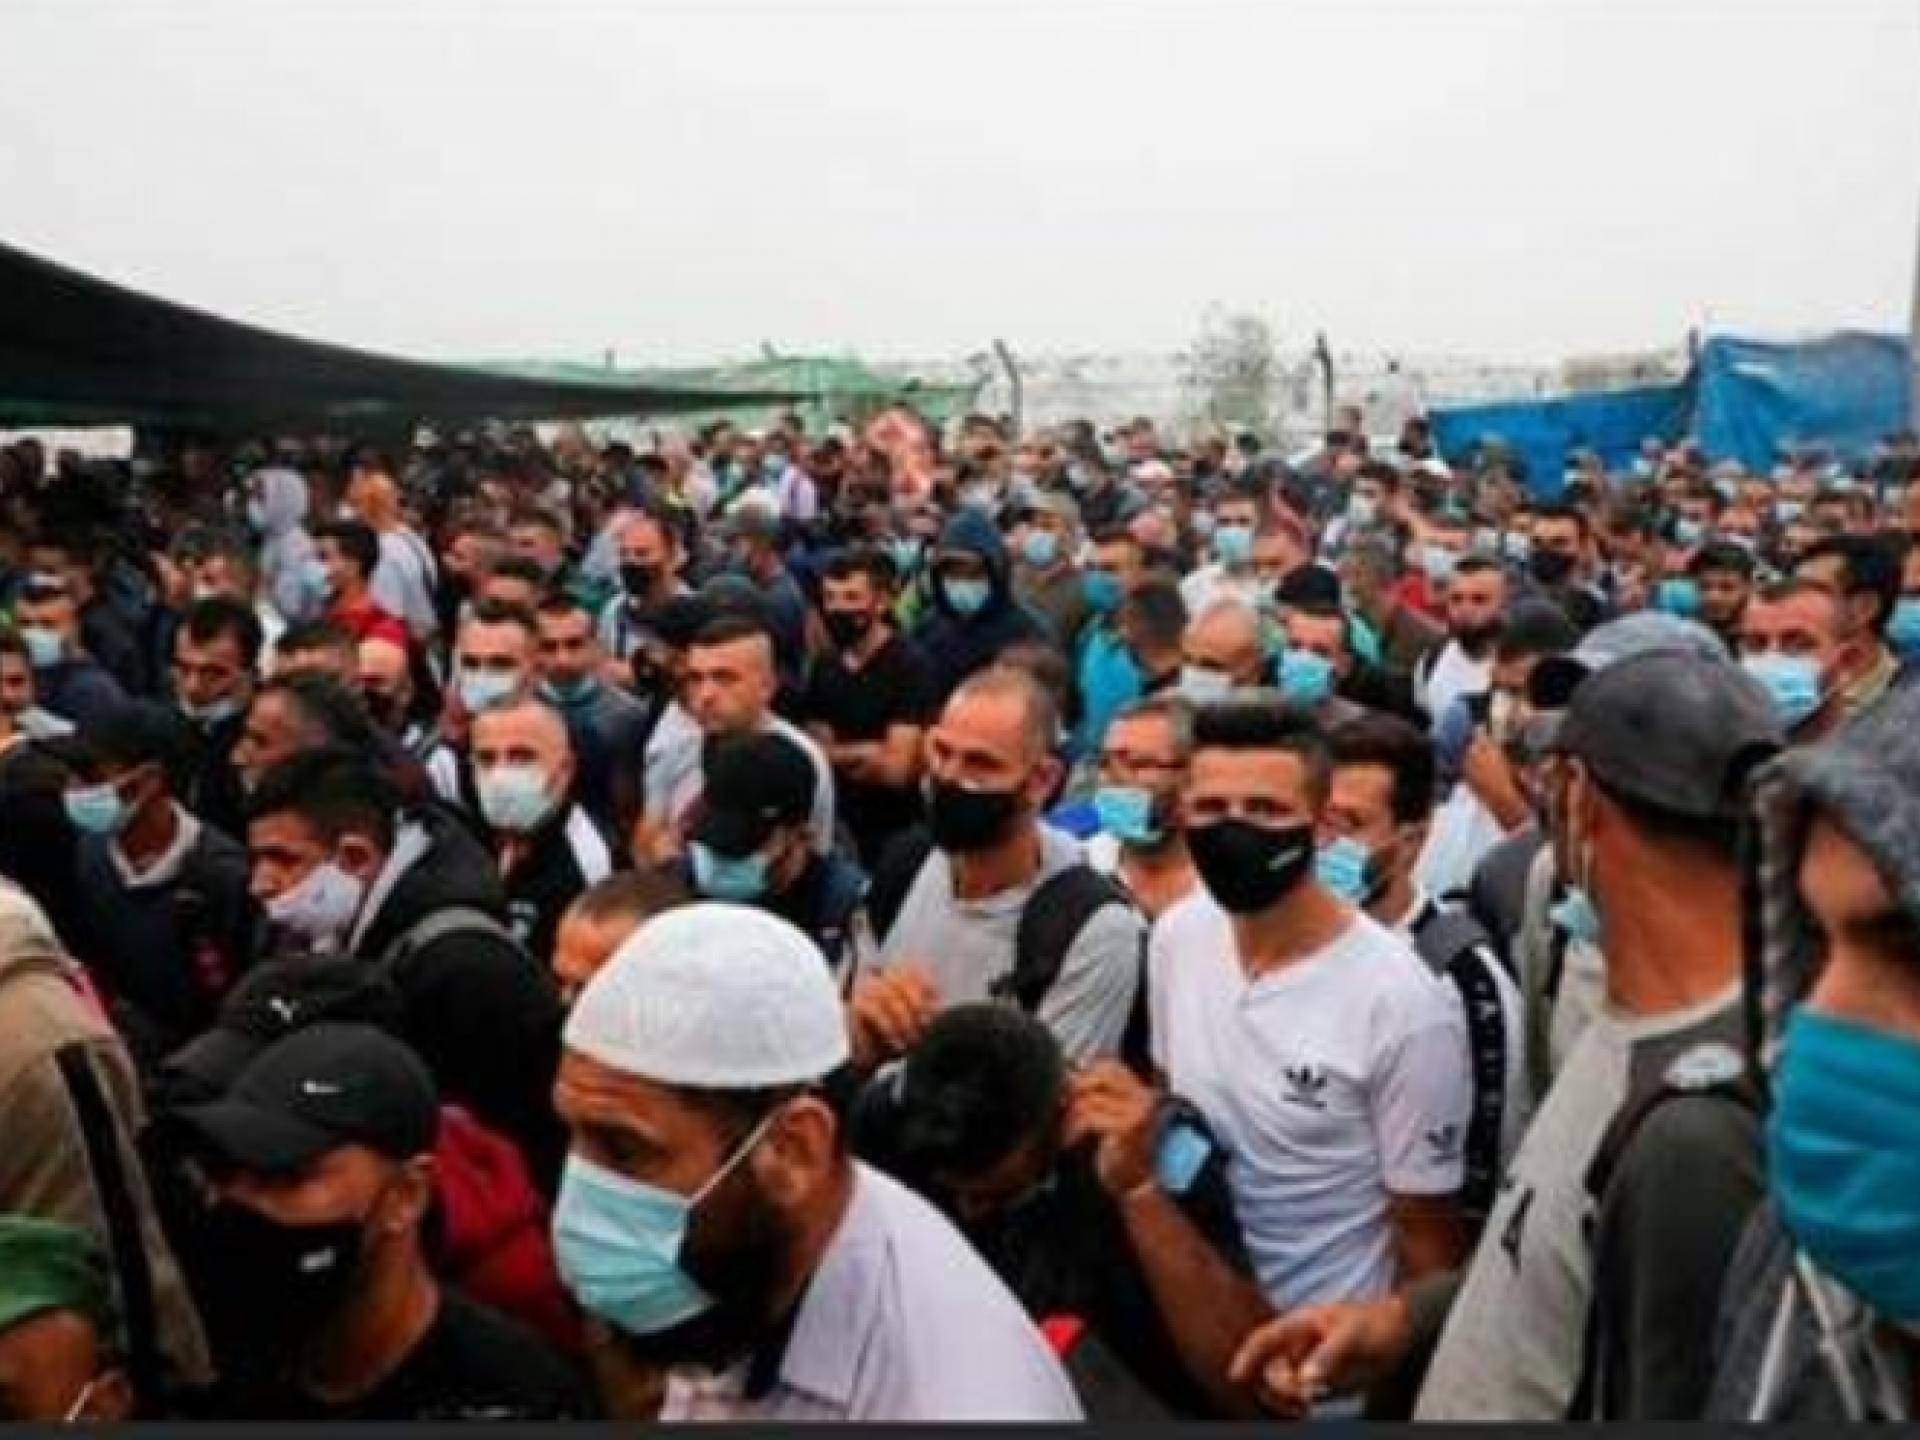 אנשים צפופים עם מסכות הגנה מהדבקה 29.6.2020